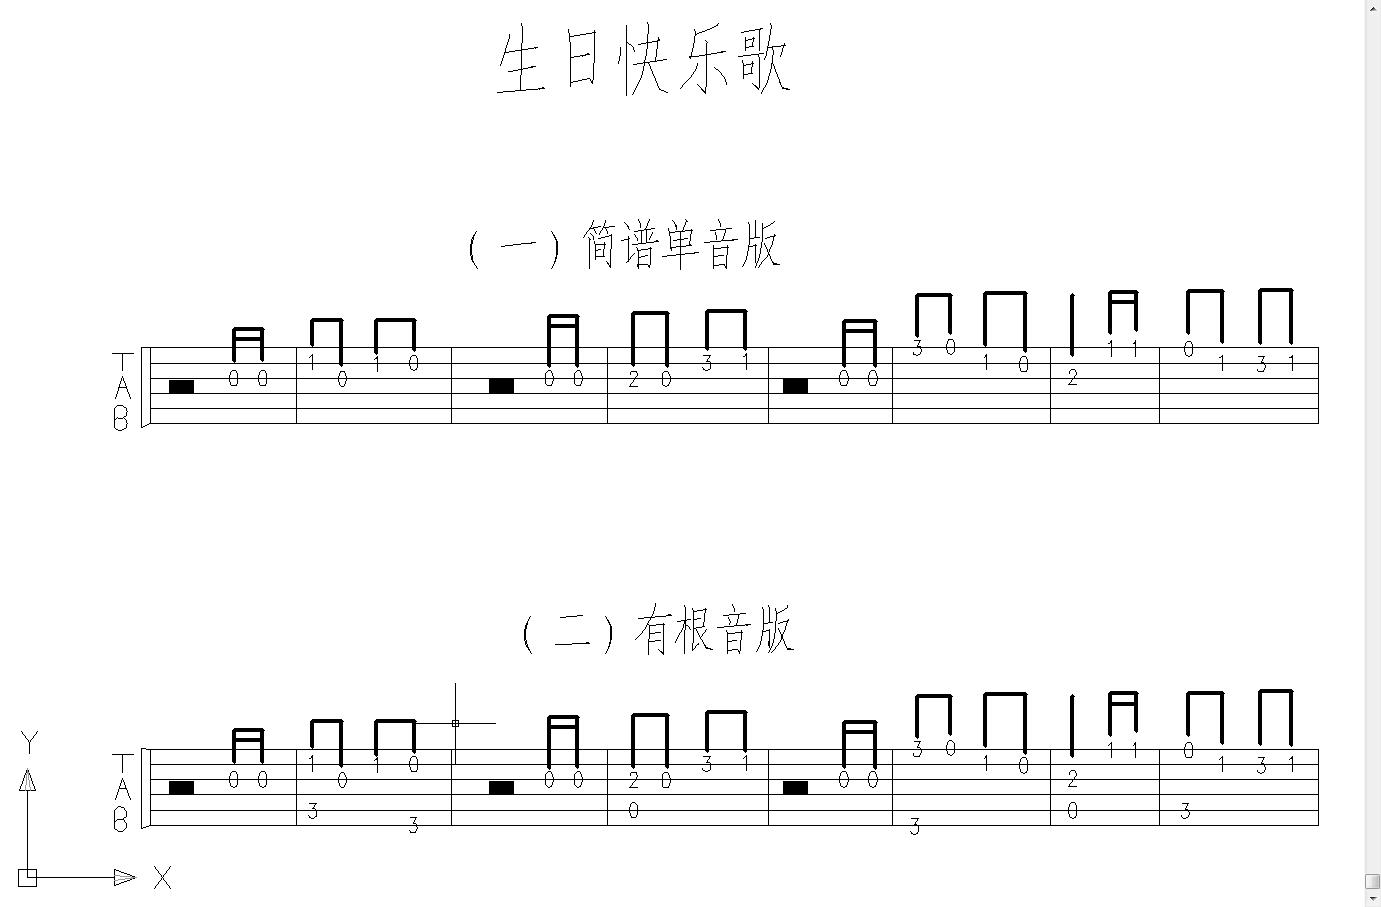 生日快乐歌》 的吉他单音谱! 不要简谱。直接弹DO ...